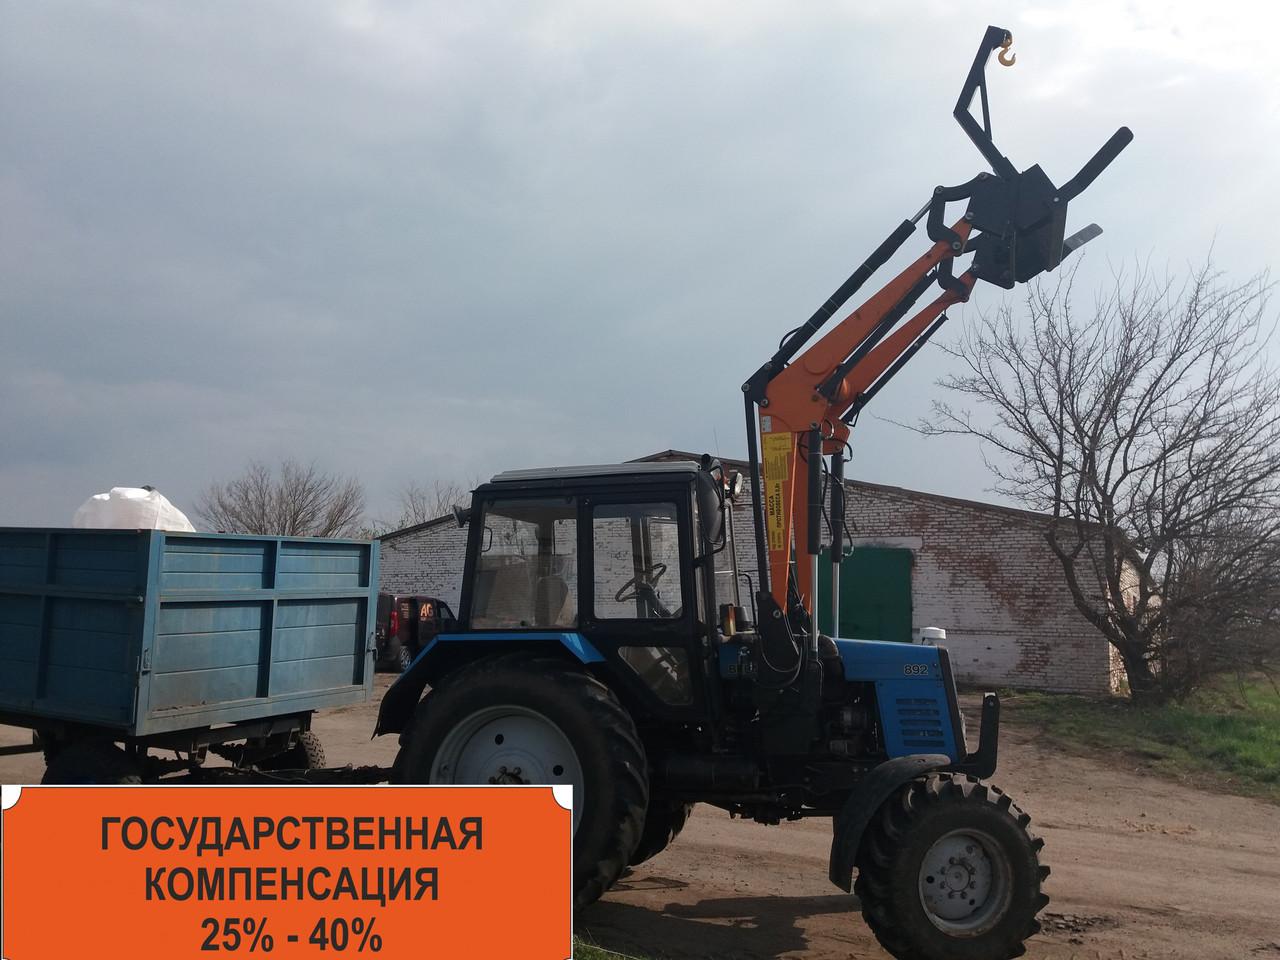 Погрузчик Фронтальный Быстросъёмный НТ-1200 КУН на МТЗ С Джойстиком.